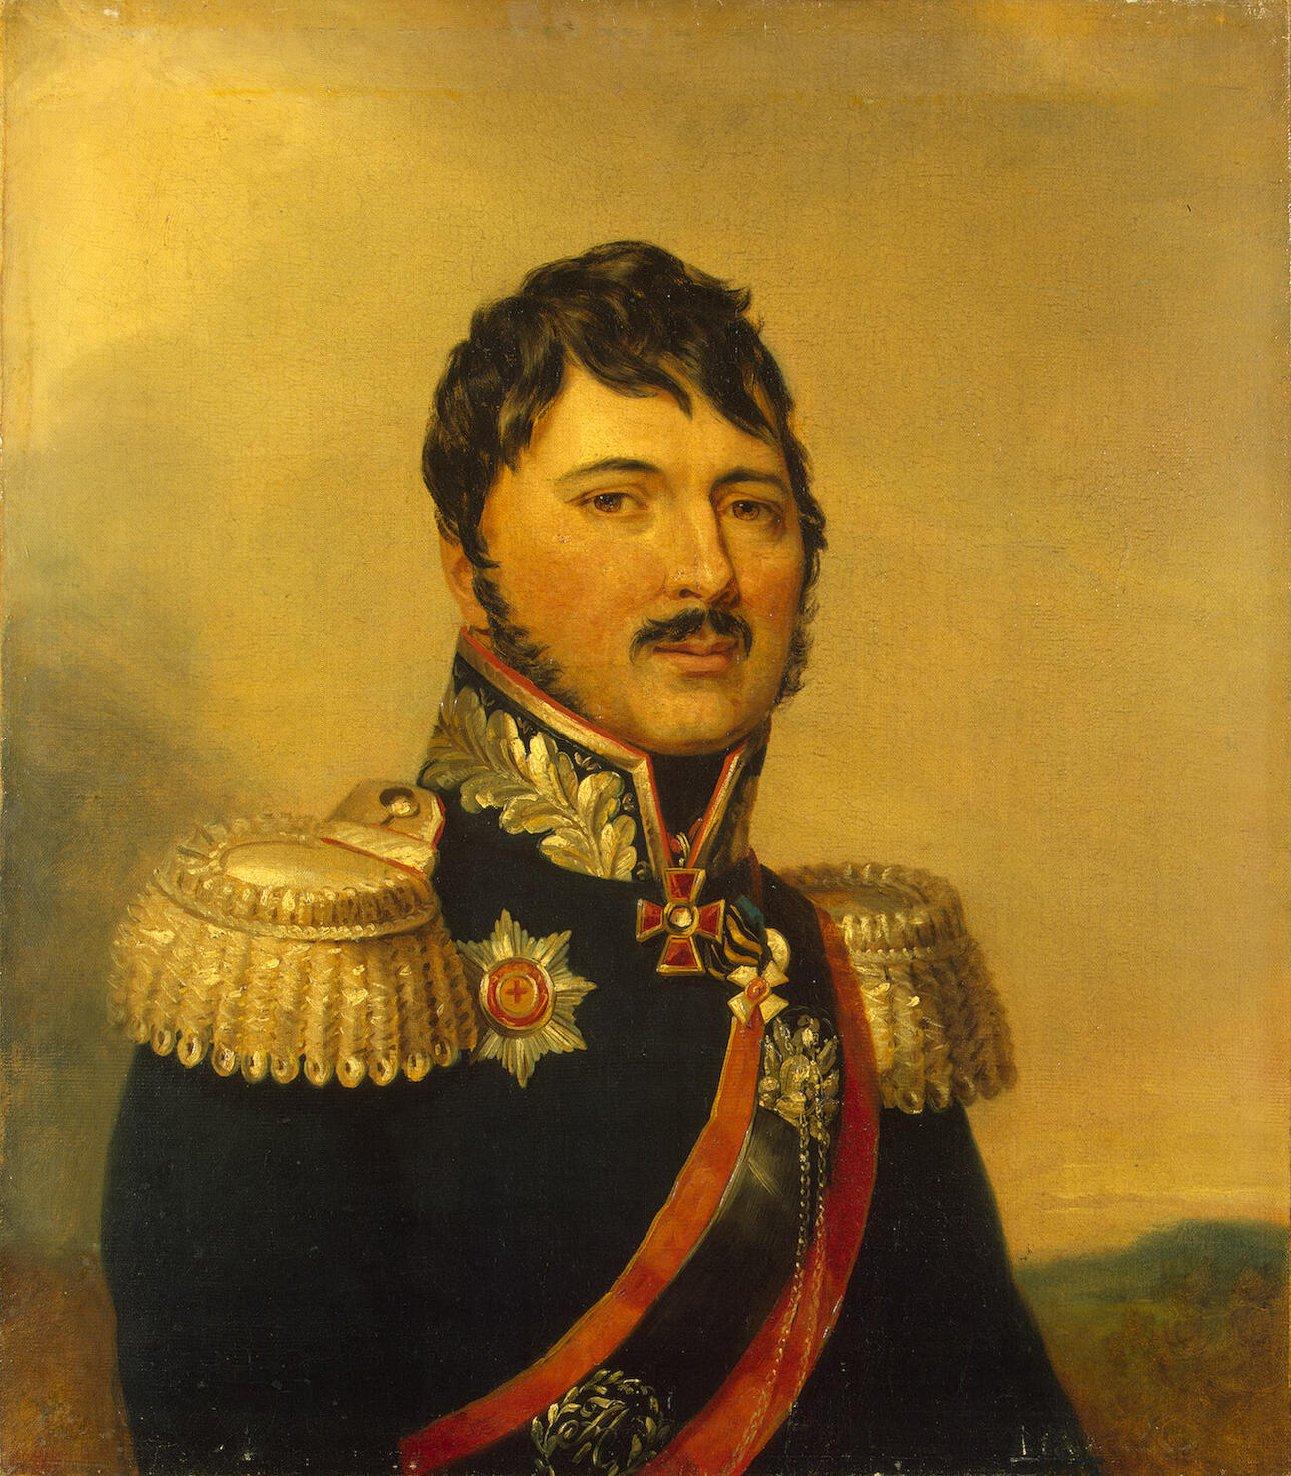 Денисов, Василий Тимофеевич